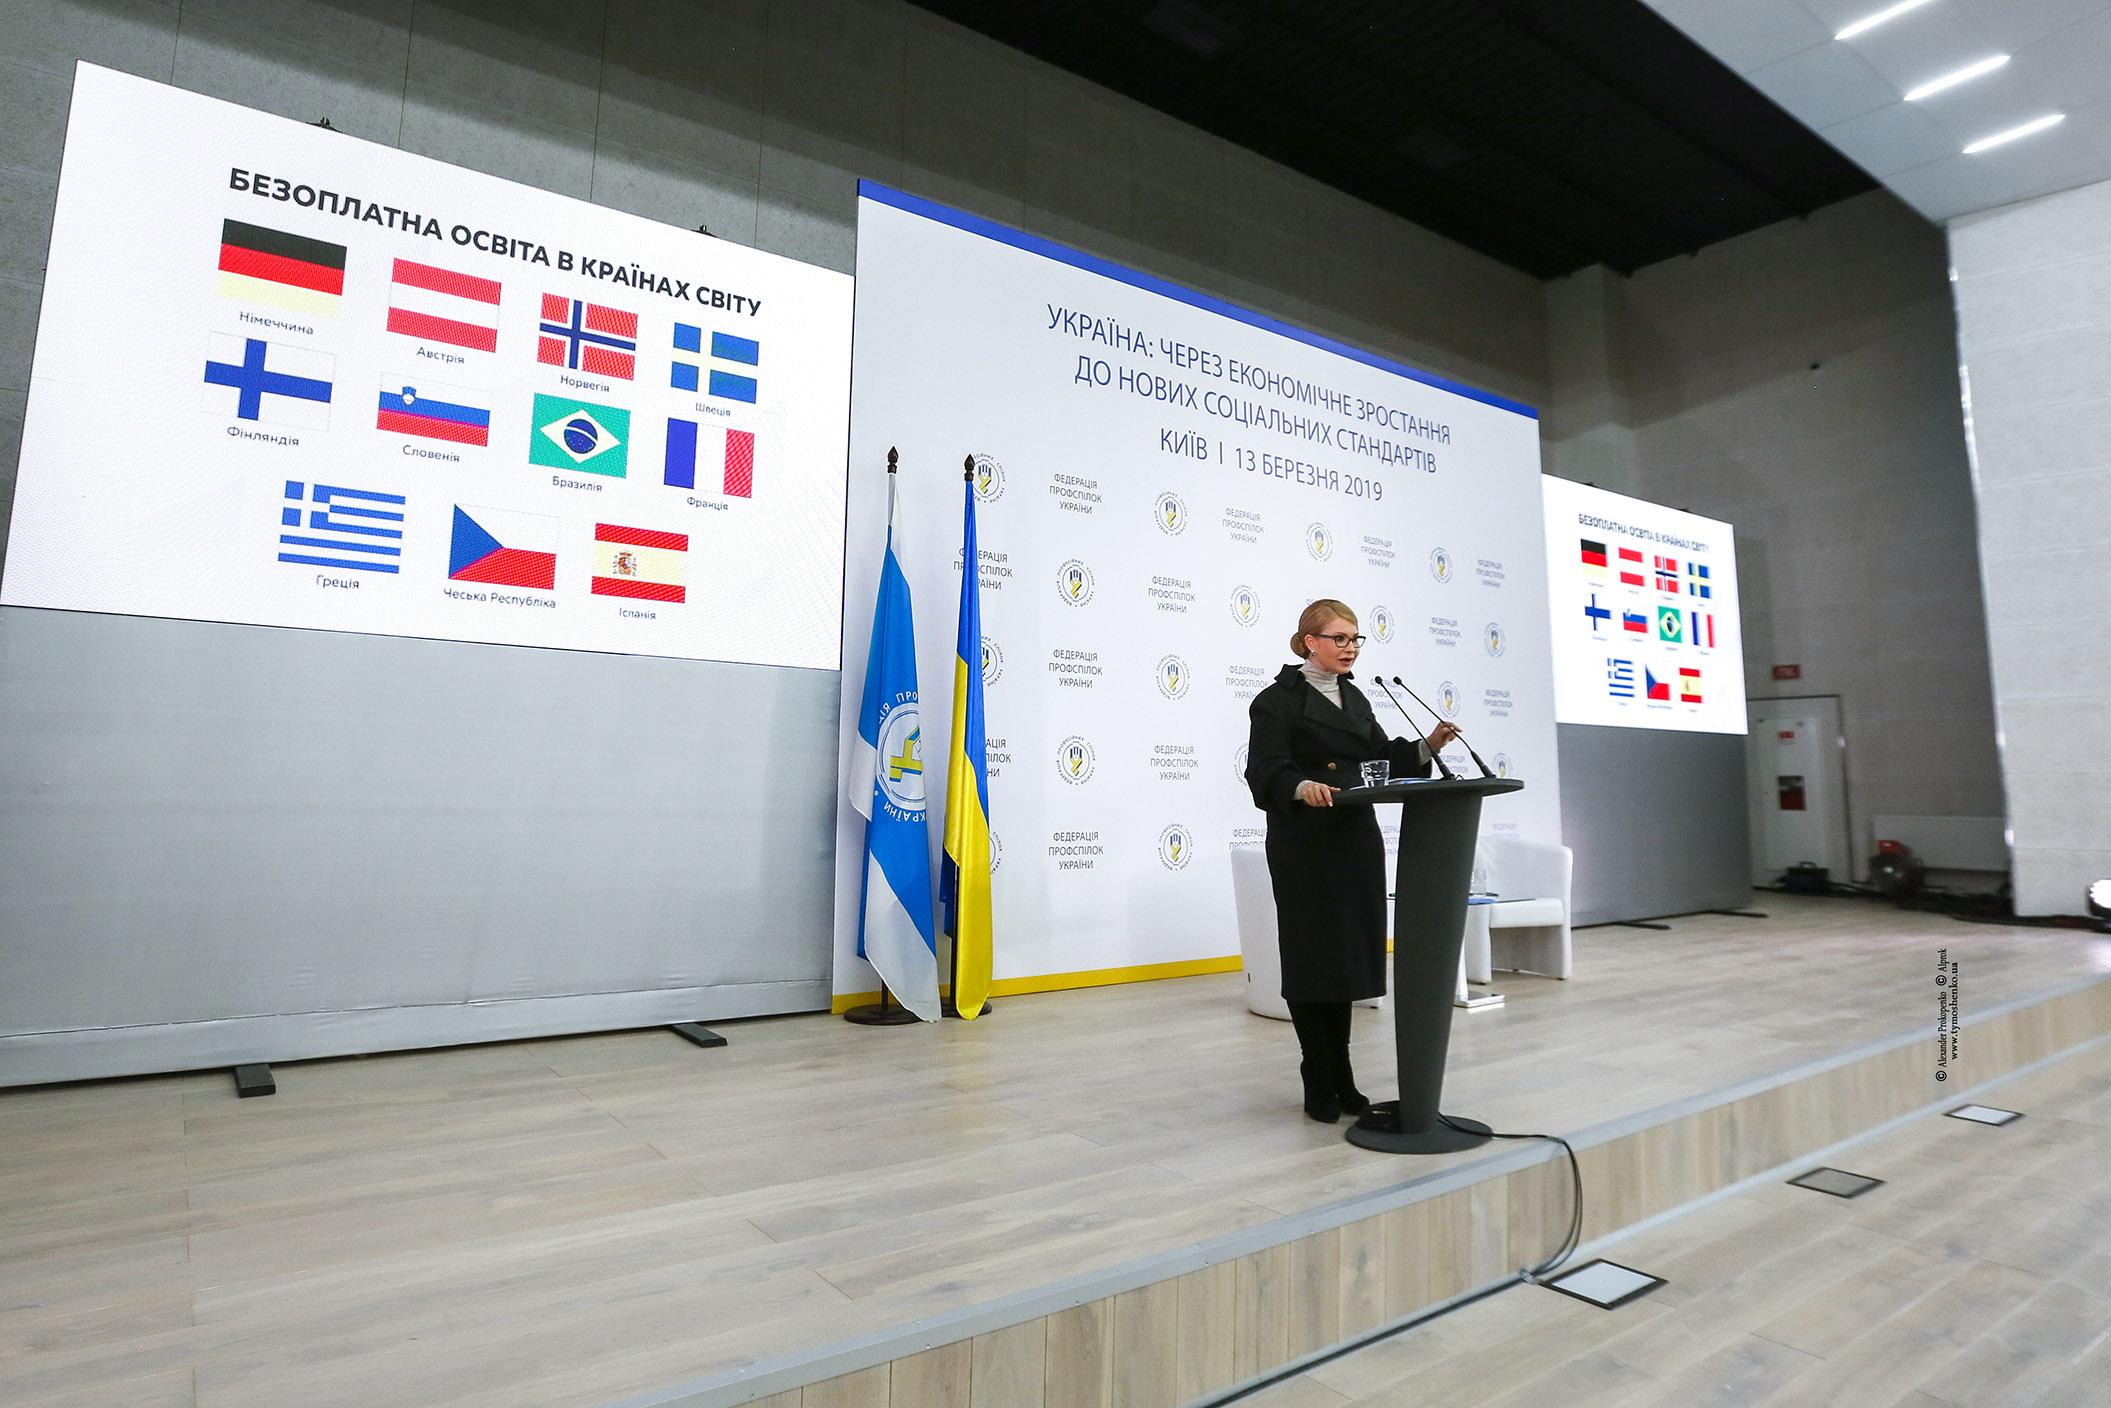 Федерація профспілок України підтримала Соціальну доктрину Юлії Тимошенко